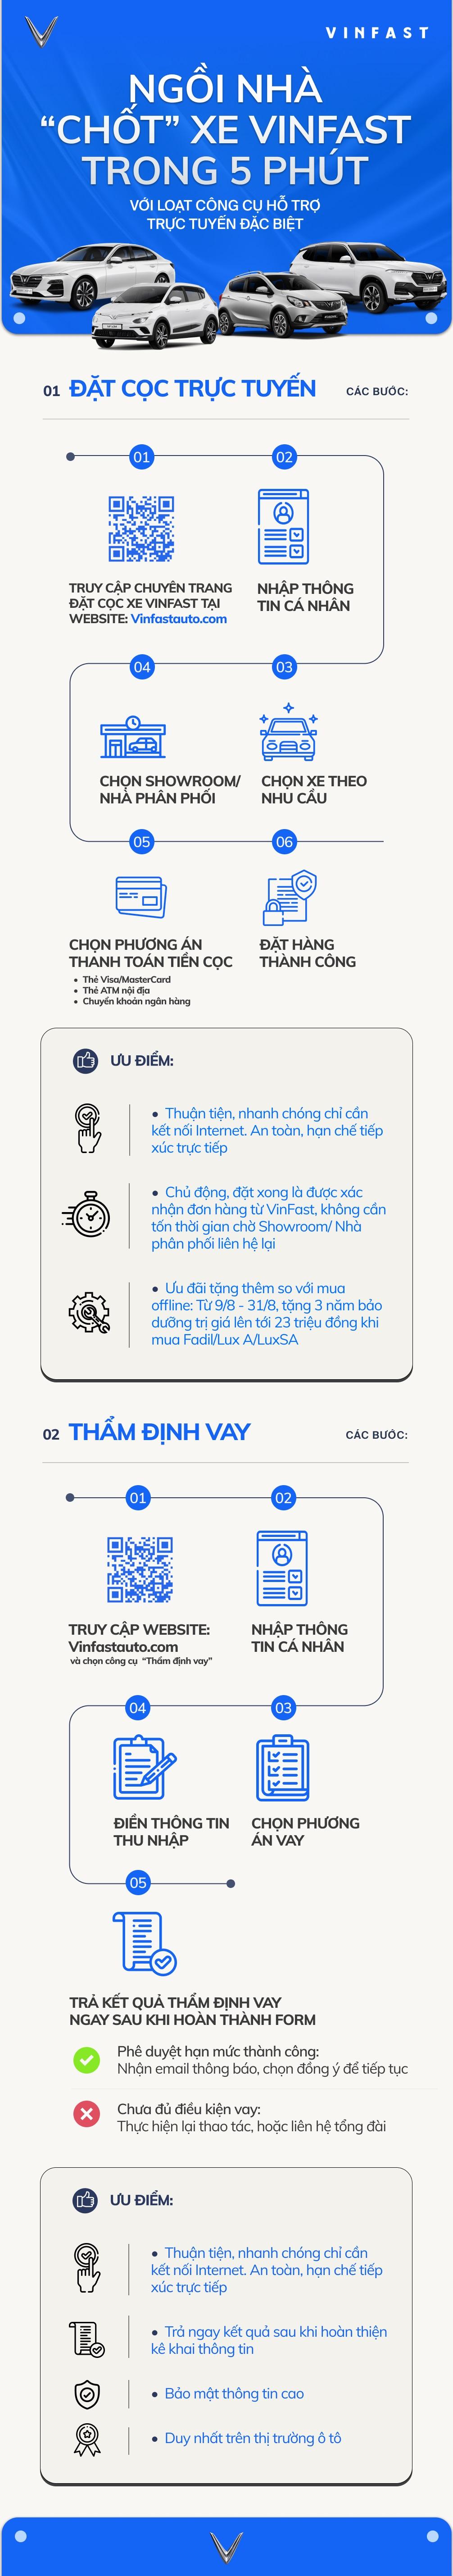 Infographic: Ngồi nhà mua xe VinFast chỉ trong 5 phút với loạt công cụ hỗ trợ online - 1